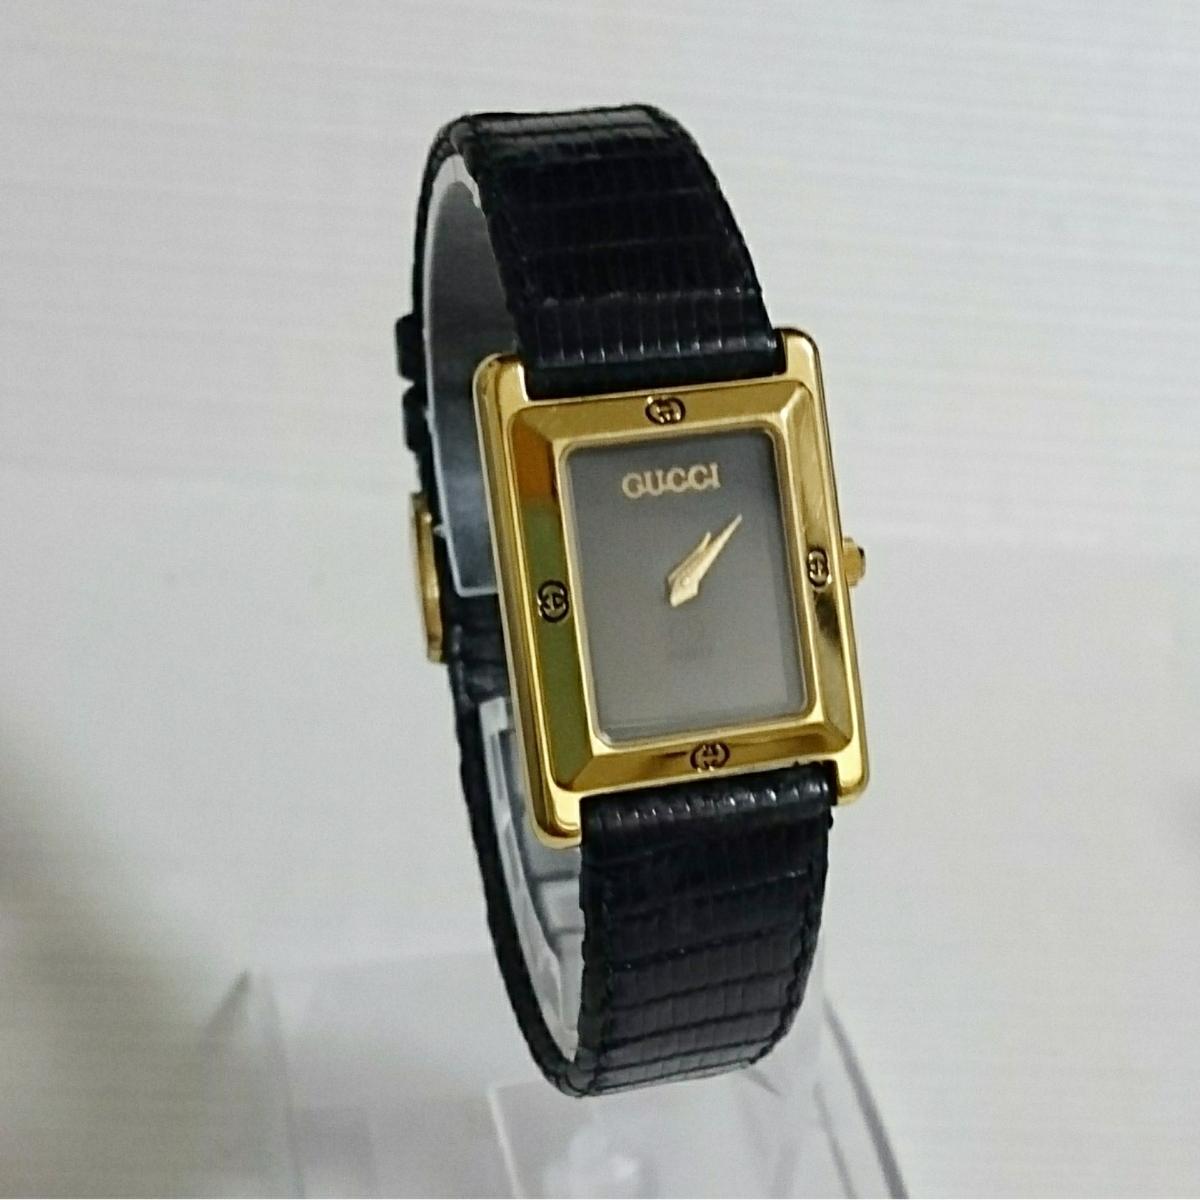 腕時計 グッチ 4100L スクエアブラック文字盤 レディース腕時計